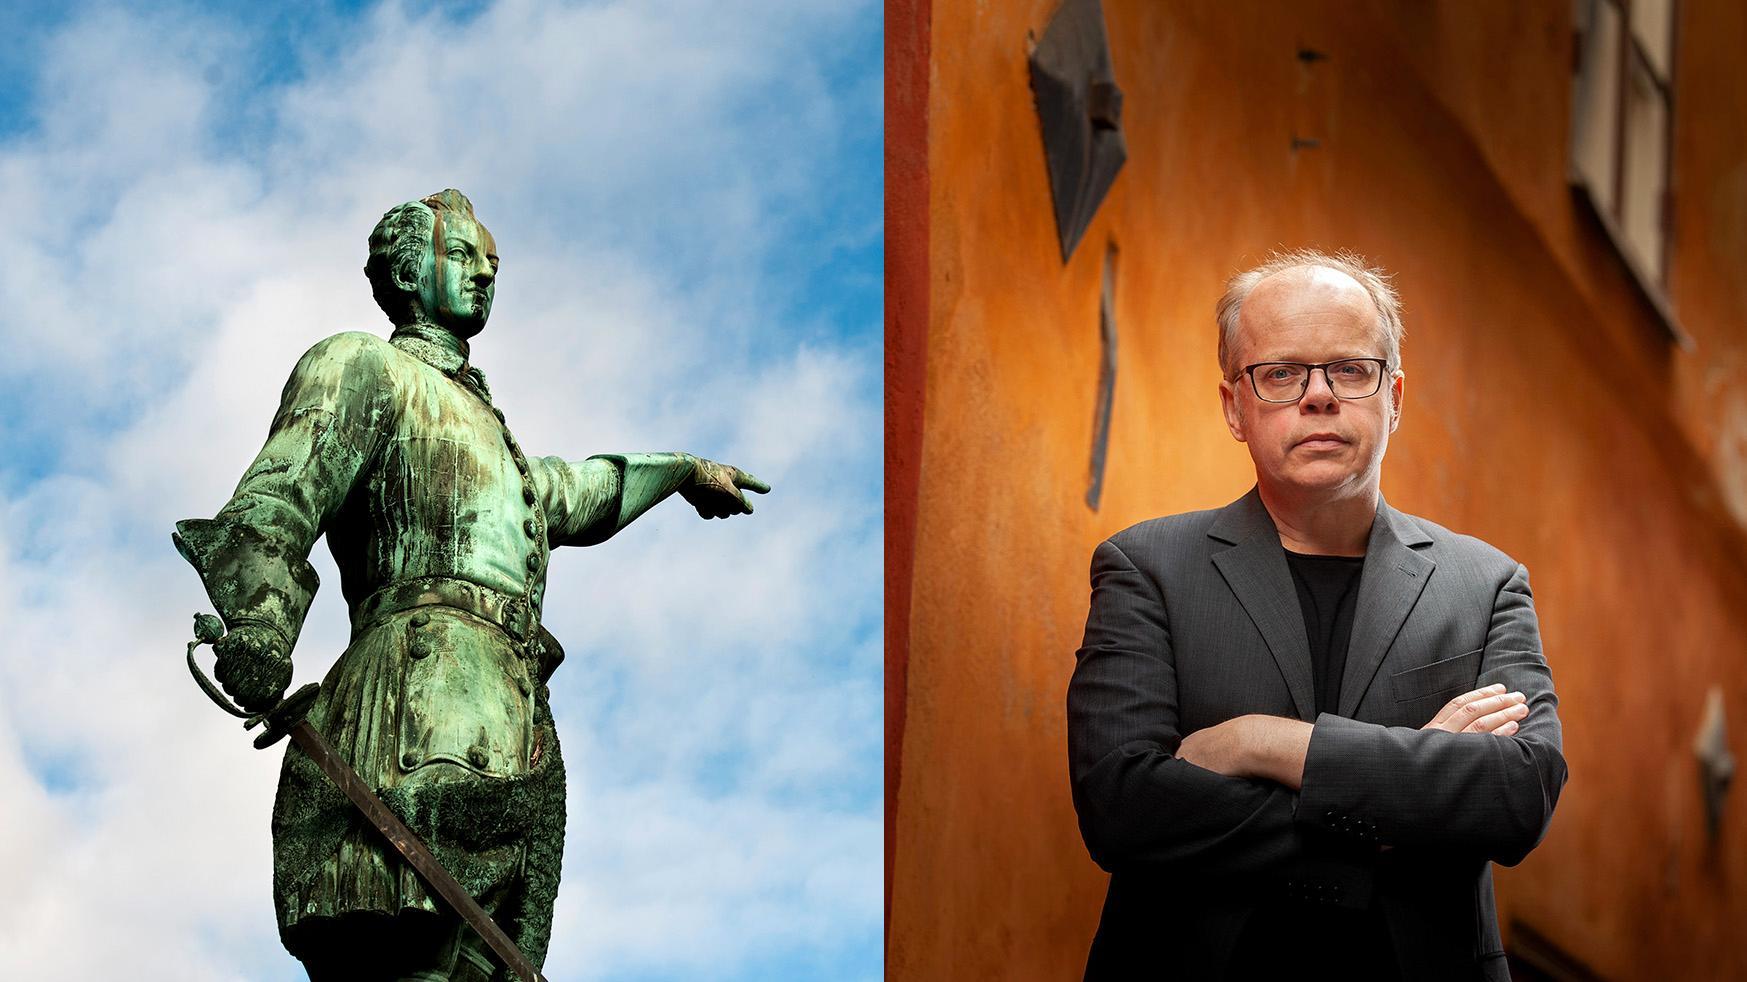 """Magnus Västerbros """"Tyrannens tid"""" är en övertygande berättelse om människor som levde under Karl XII:s krigiska envälde, skriver Kalle Holmqvist."""